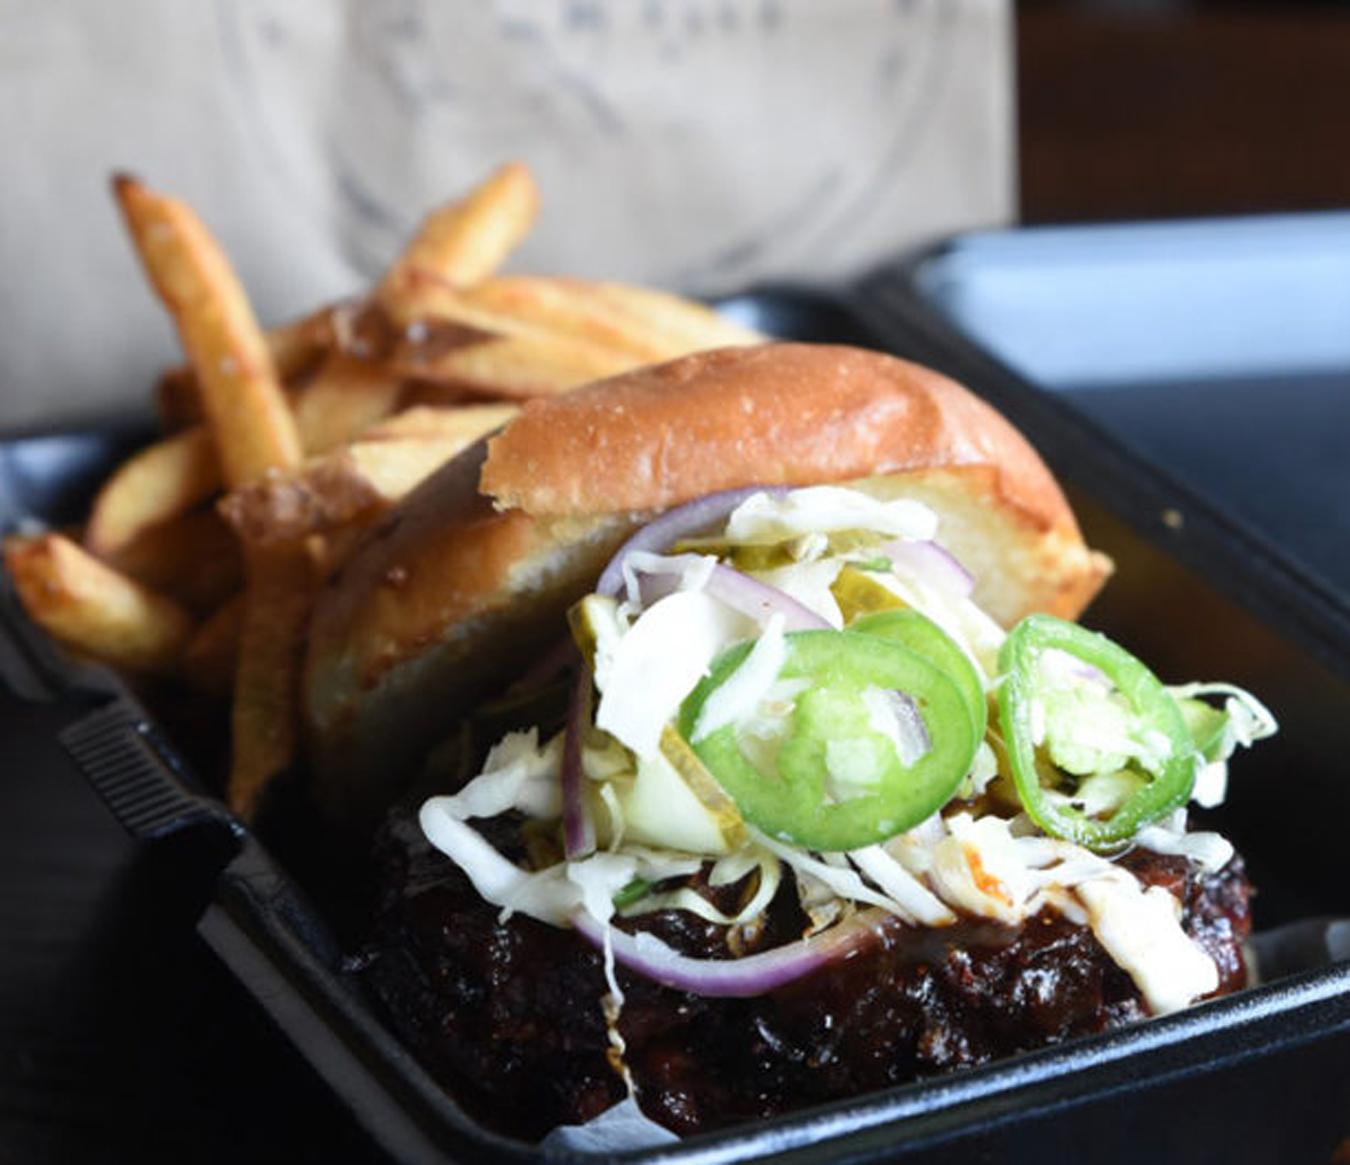 Where to Eat In Kansas City - Q39 Midtown